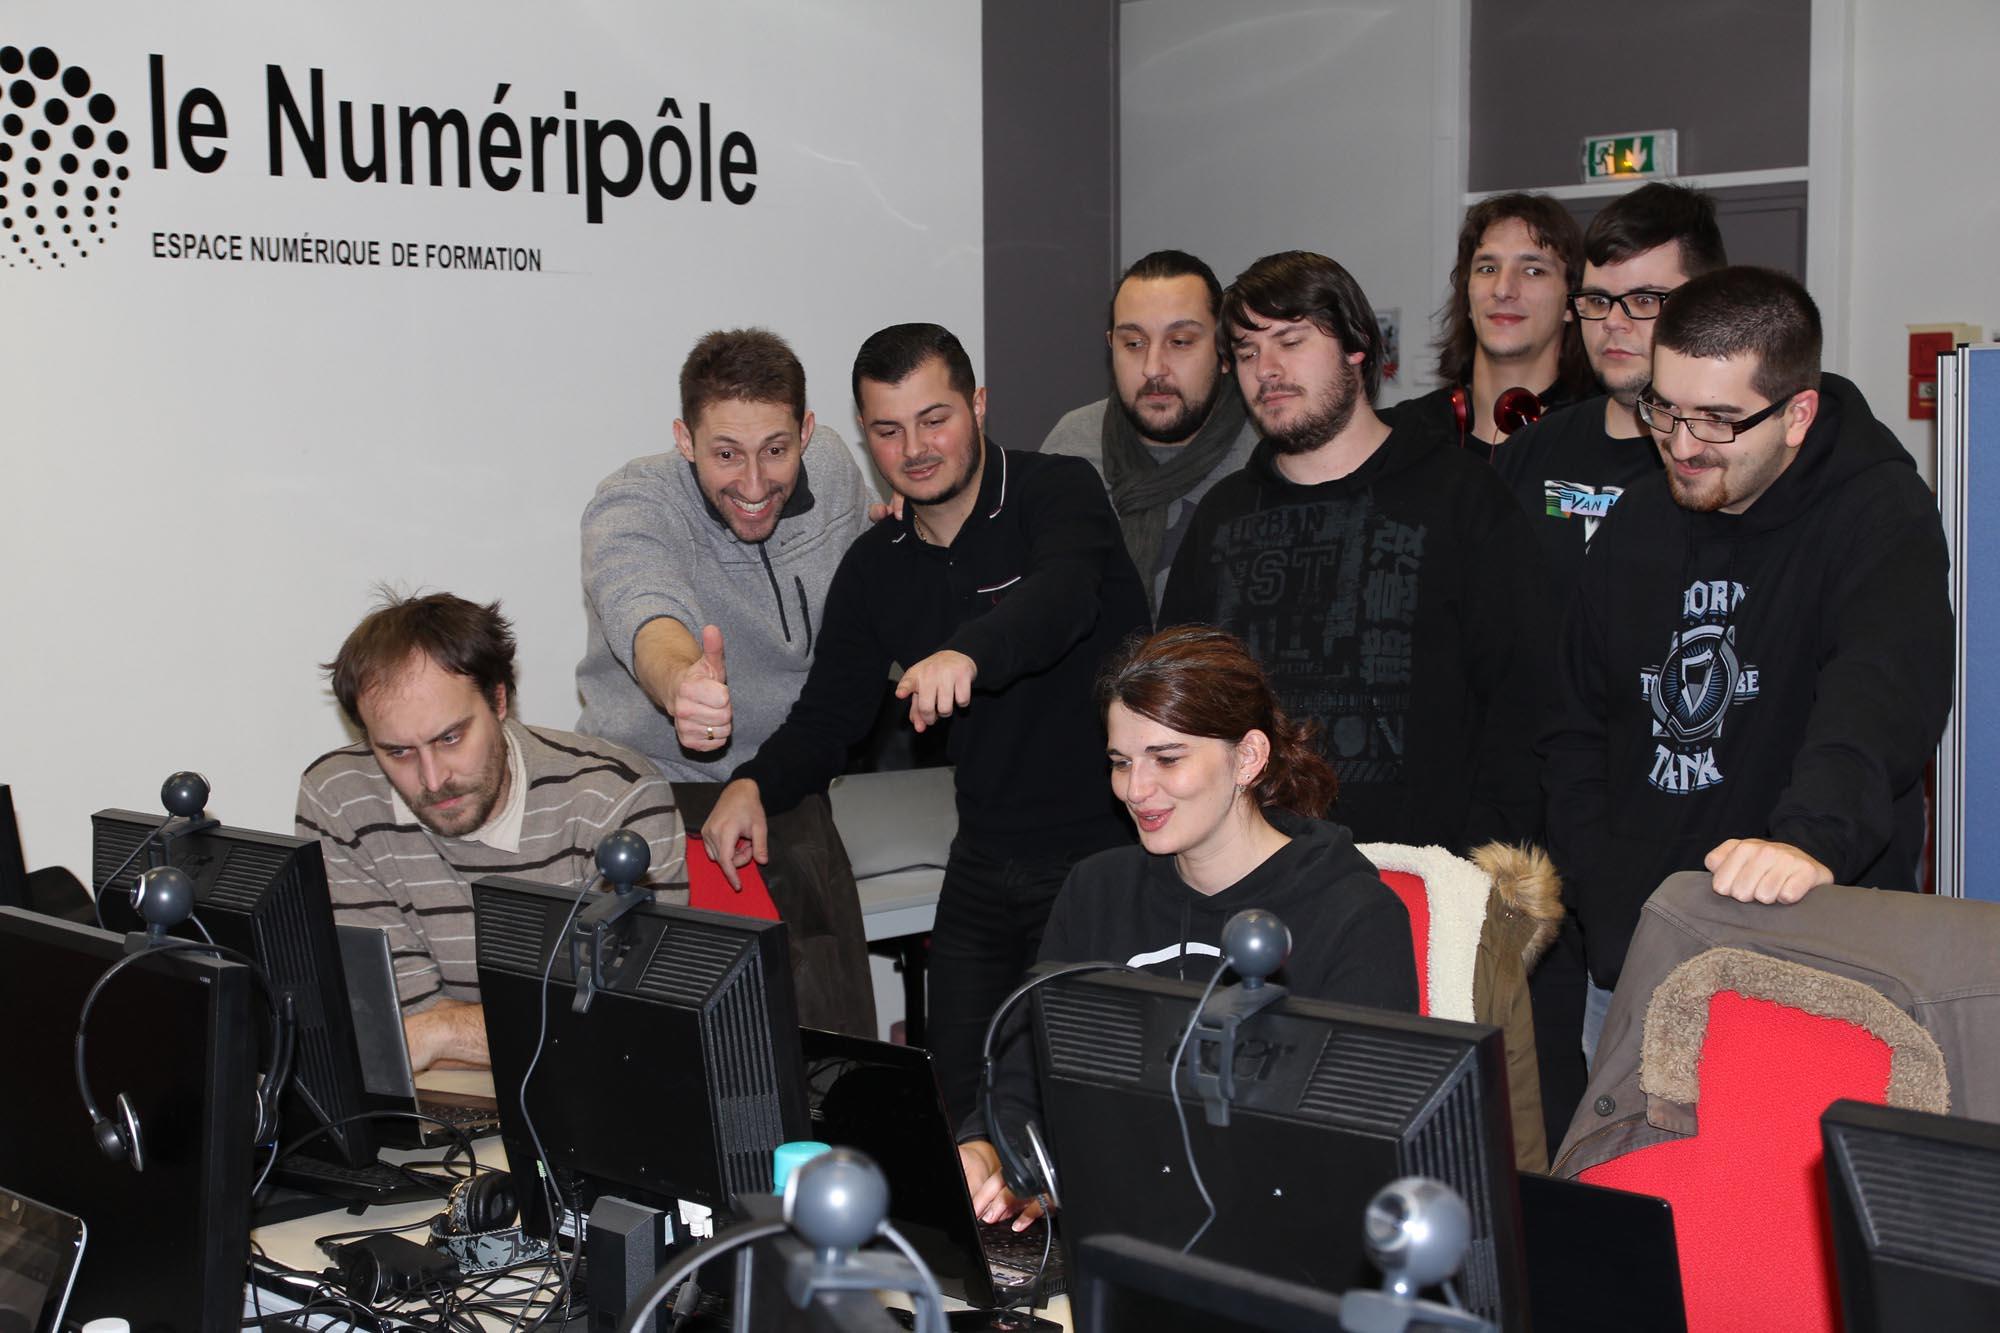 Numéripôle - groupe 01